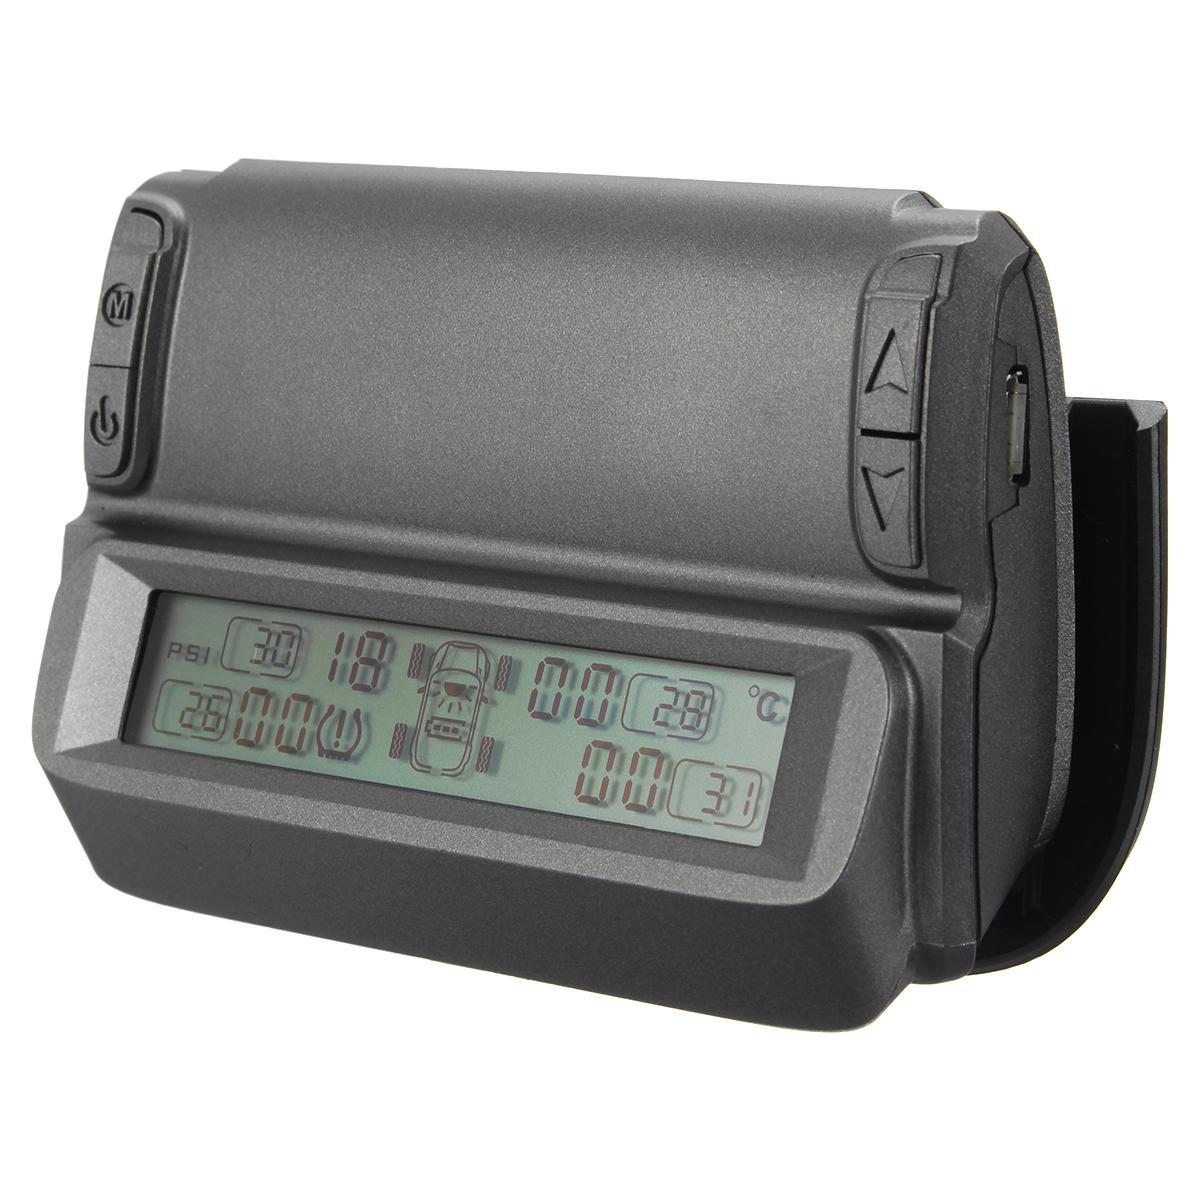 Dispositifs de pression de surveillance de la température des pneus de véhicule automobile solaire sans fil